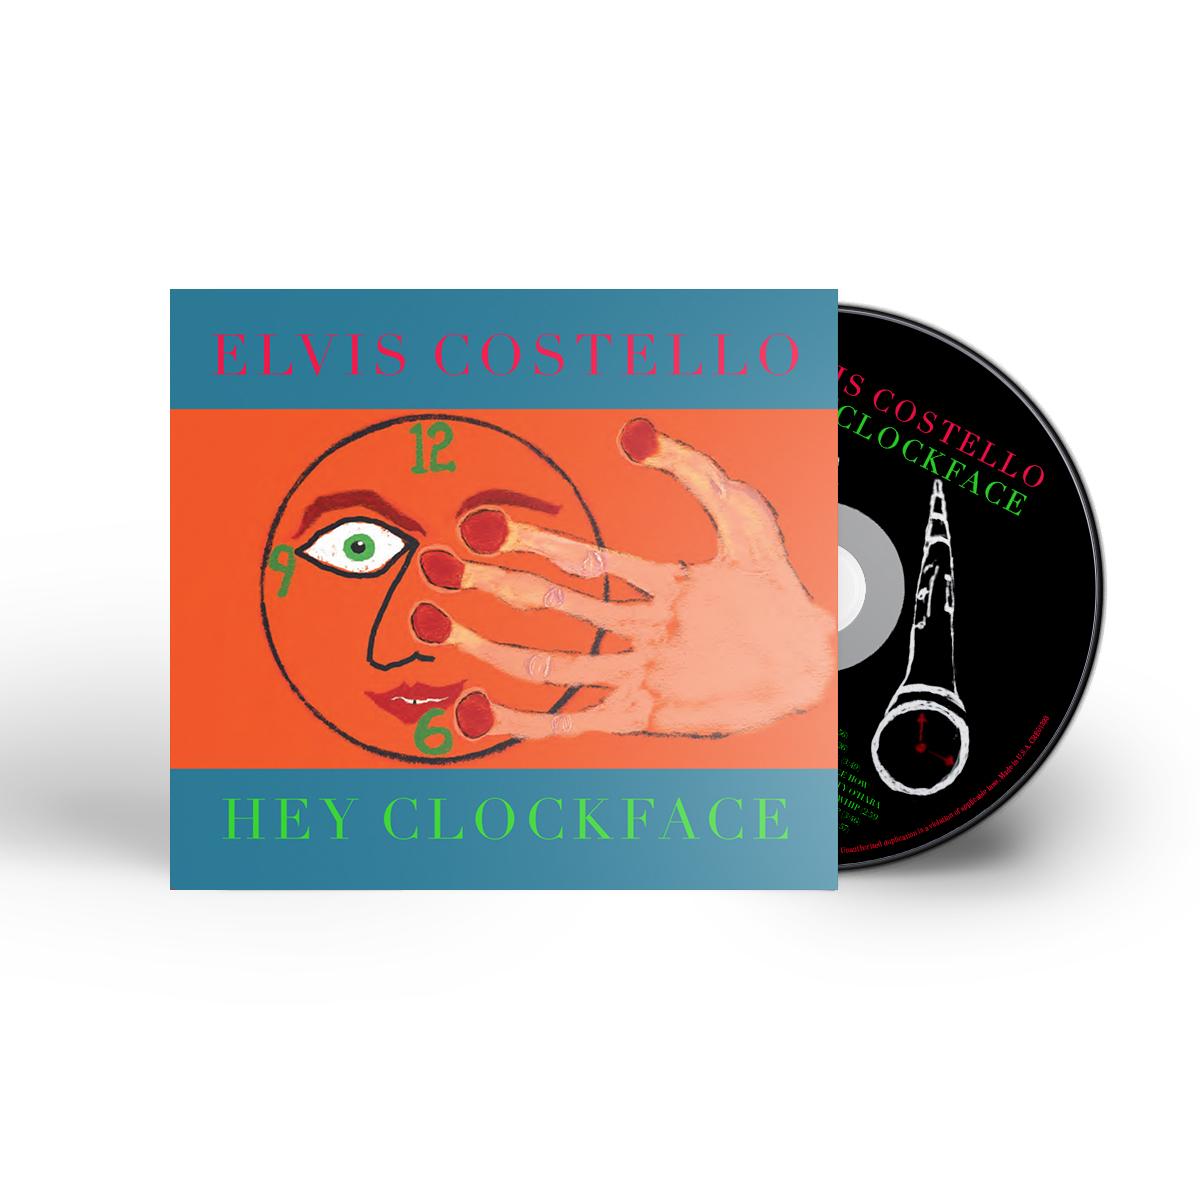 Signed Sun Marble Vinyl 2xLP or Signed CD Soft Supreme Bundle